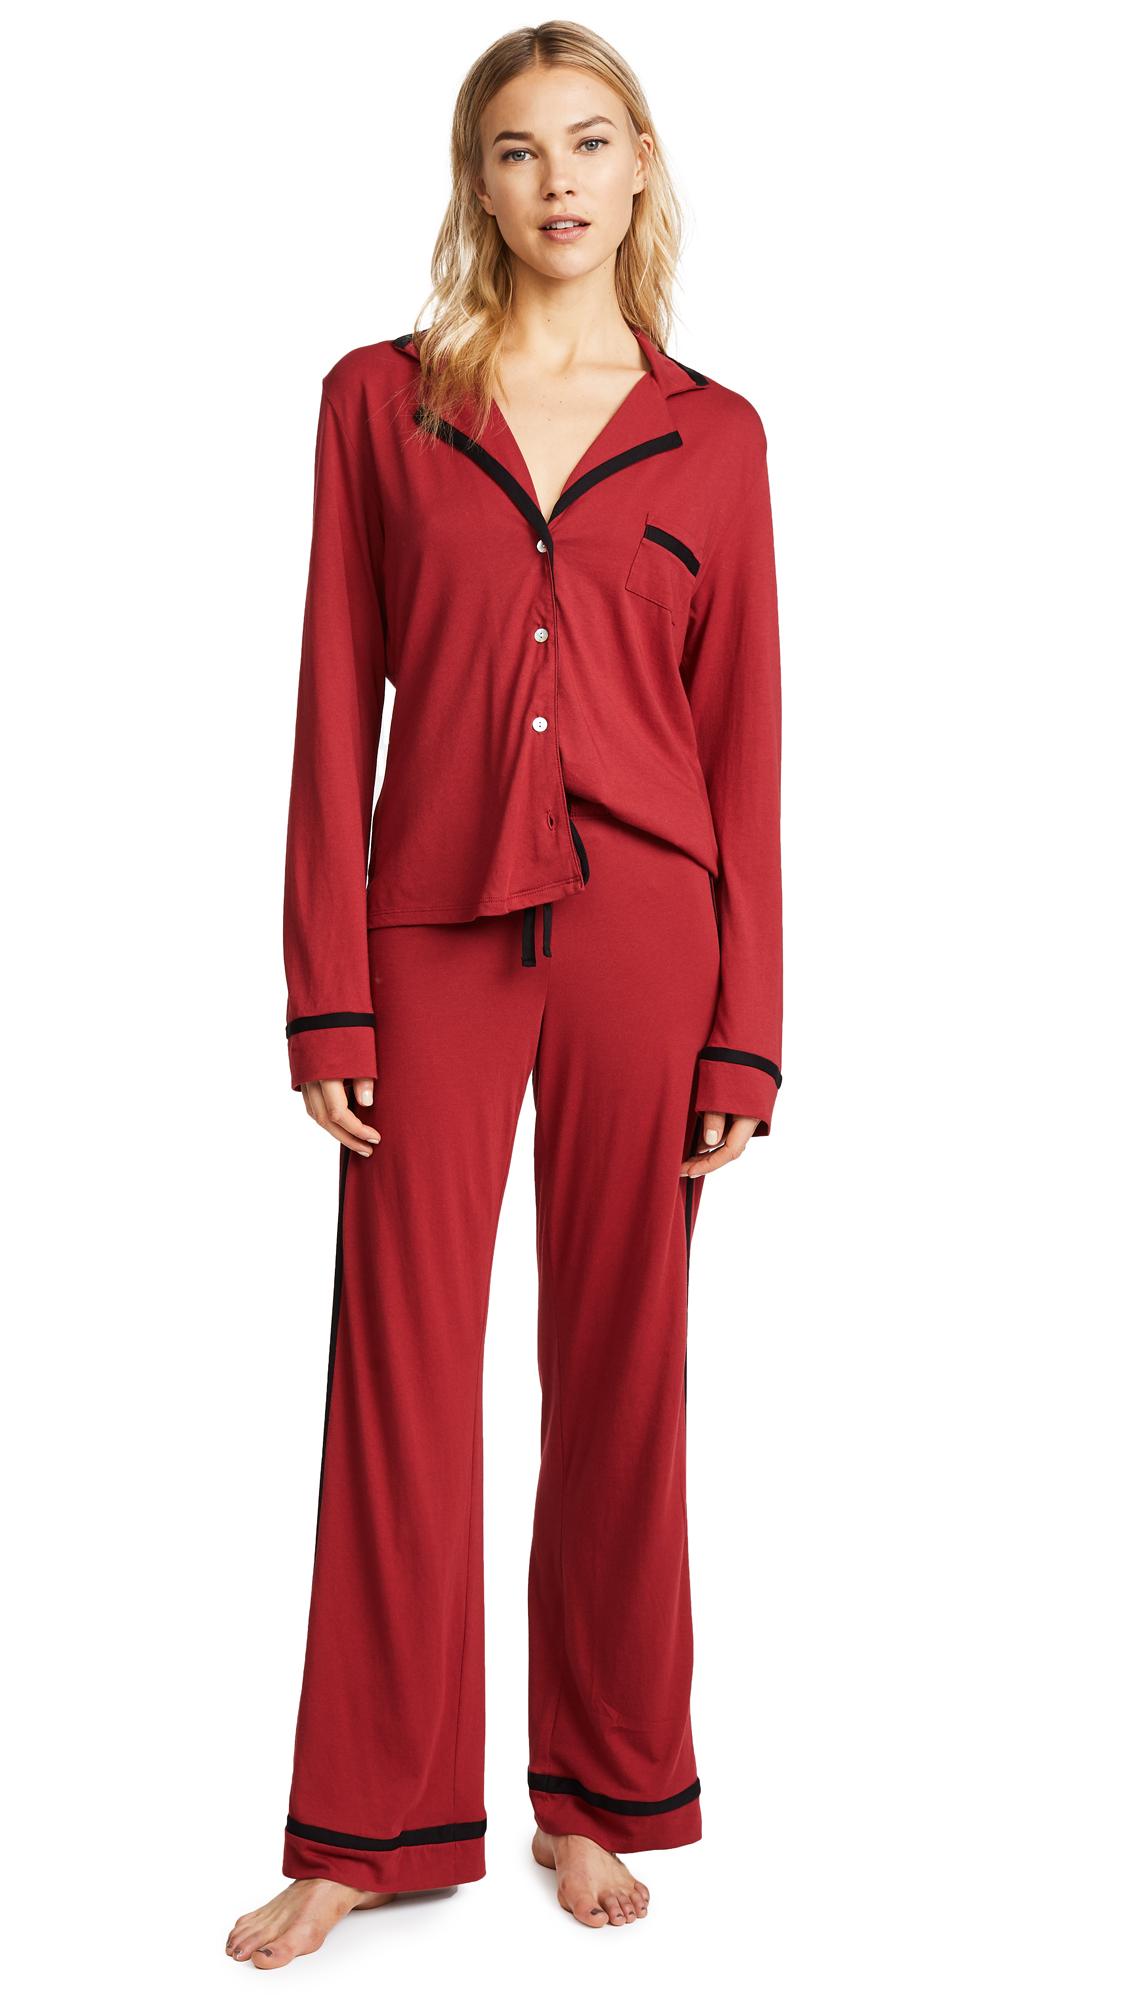 Cosabella Bella Long PJ Set In Brick Red/Black